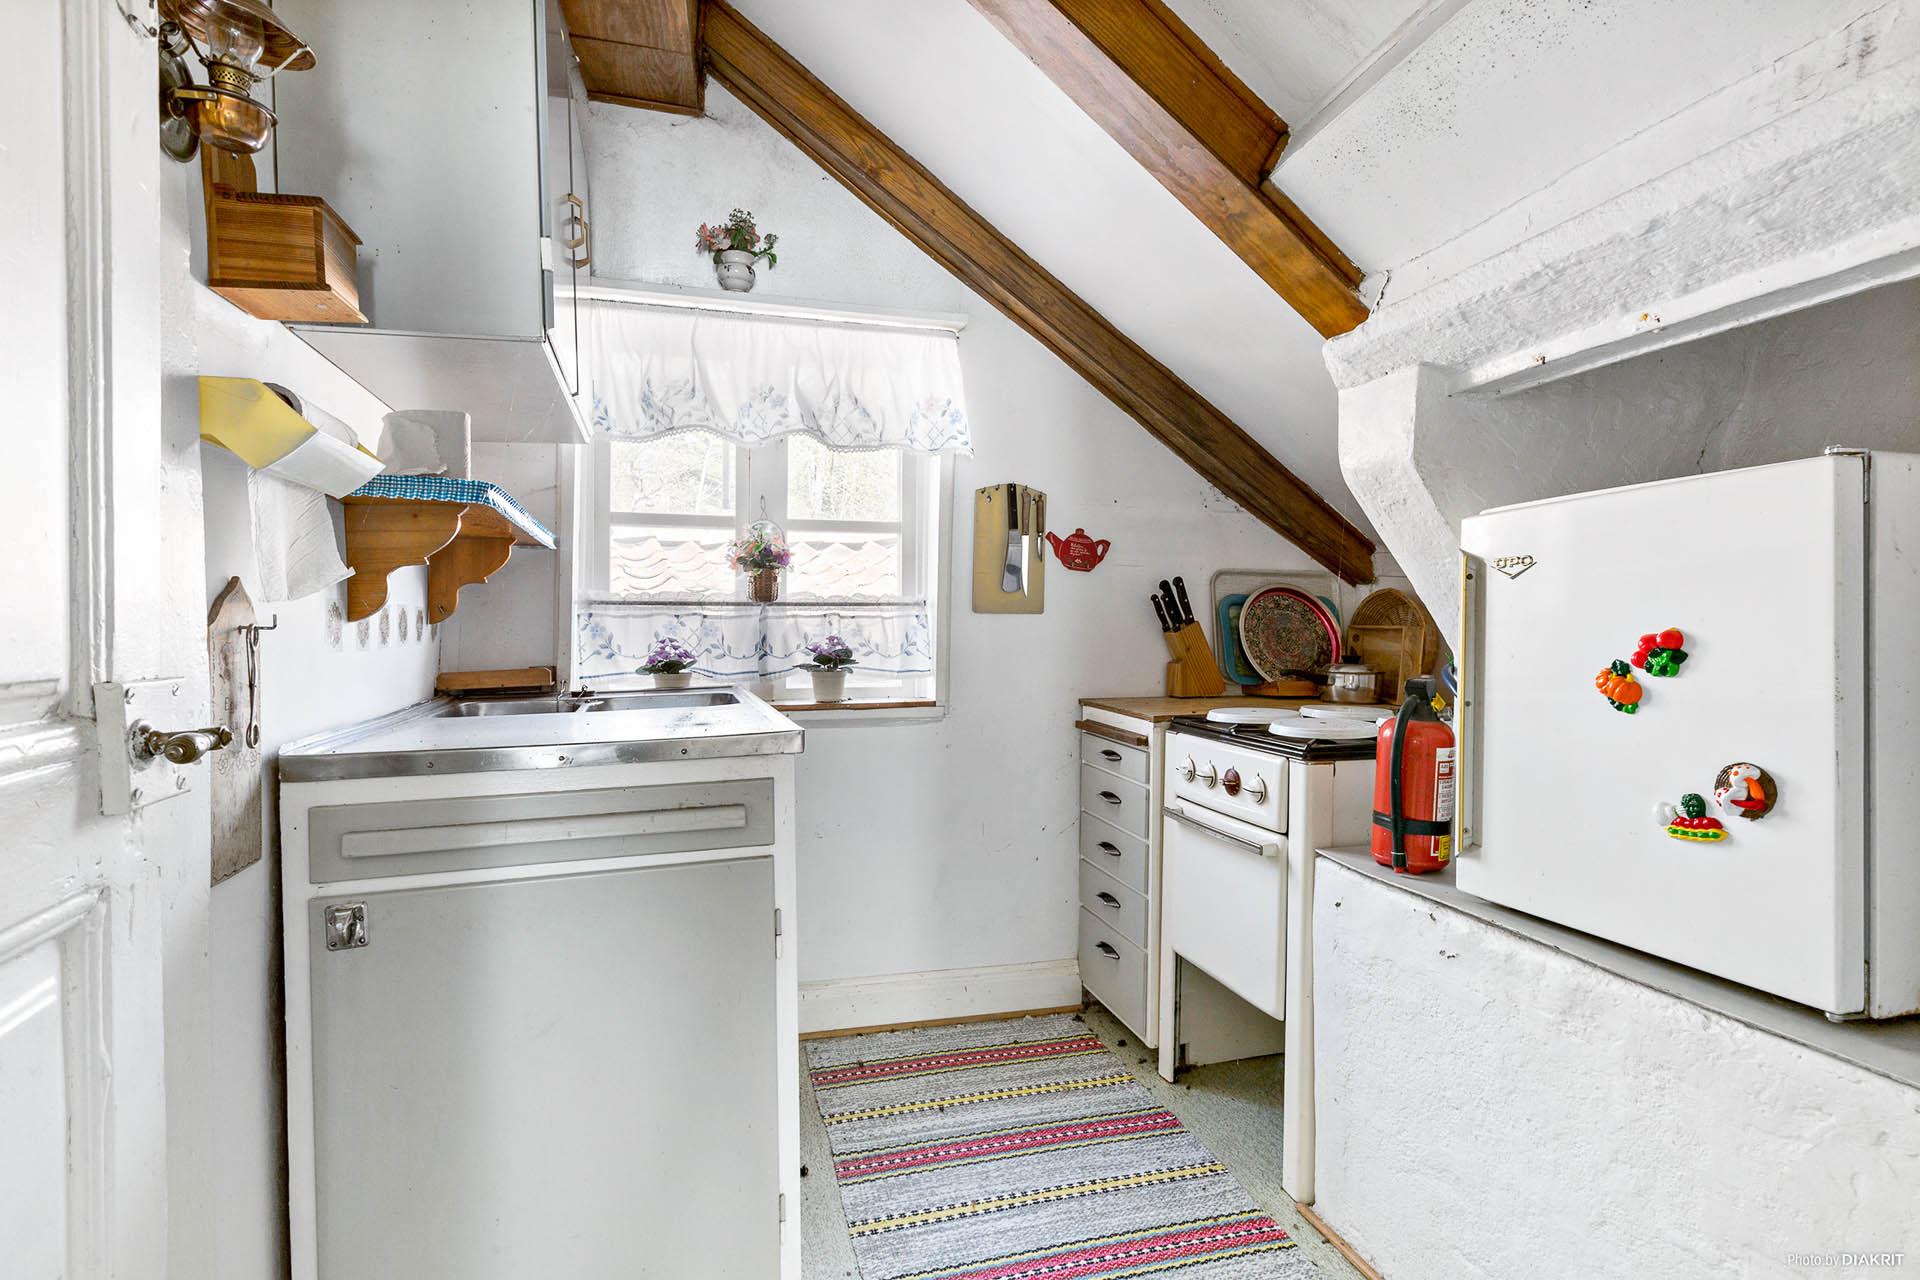 Kök med gasolspis och gasol kylskåp. (Fungerar sannolikt inte)